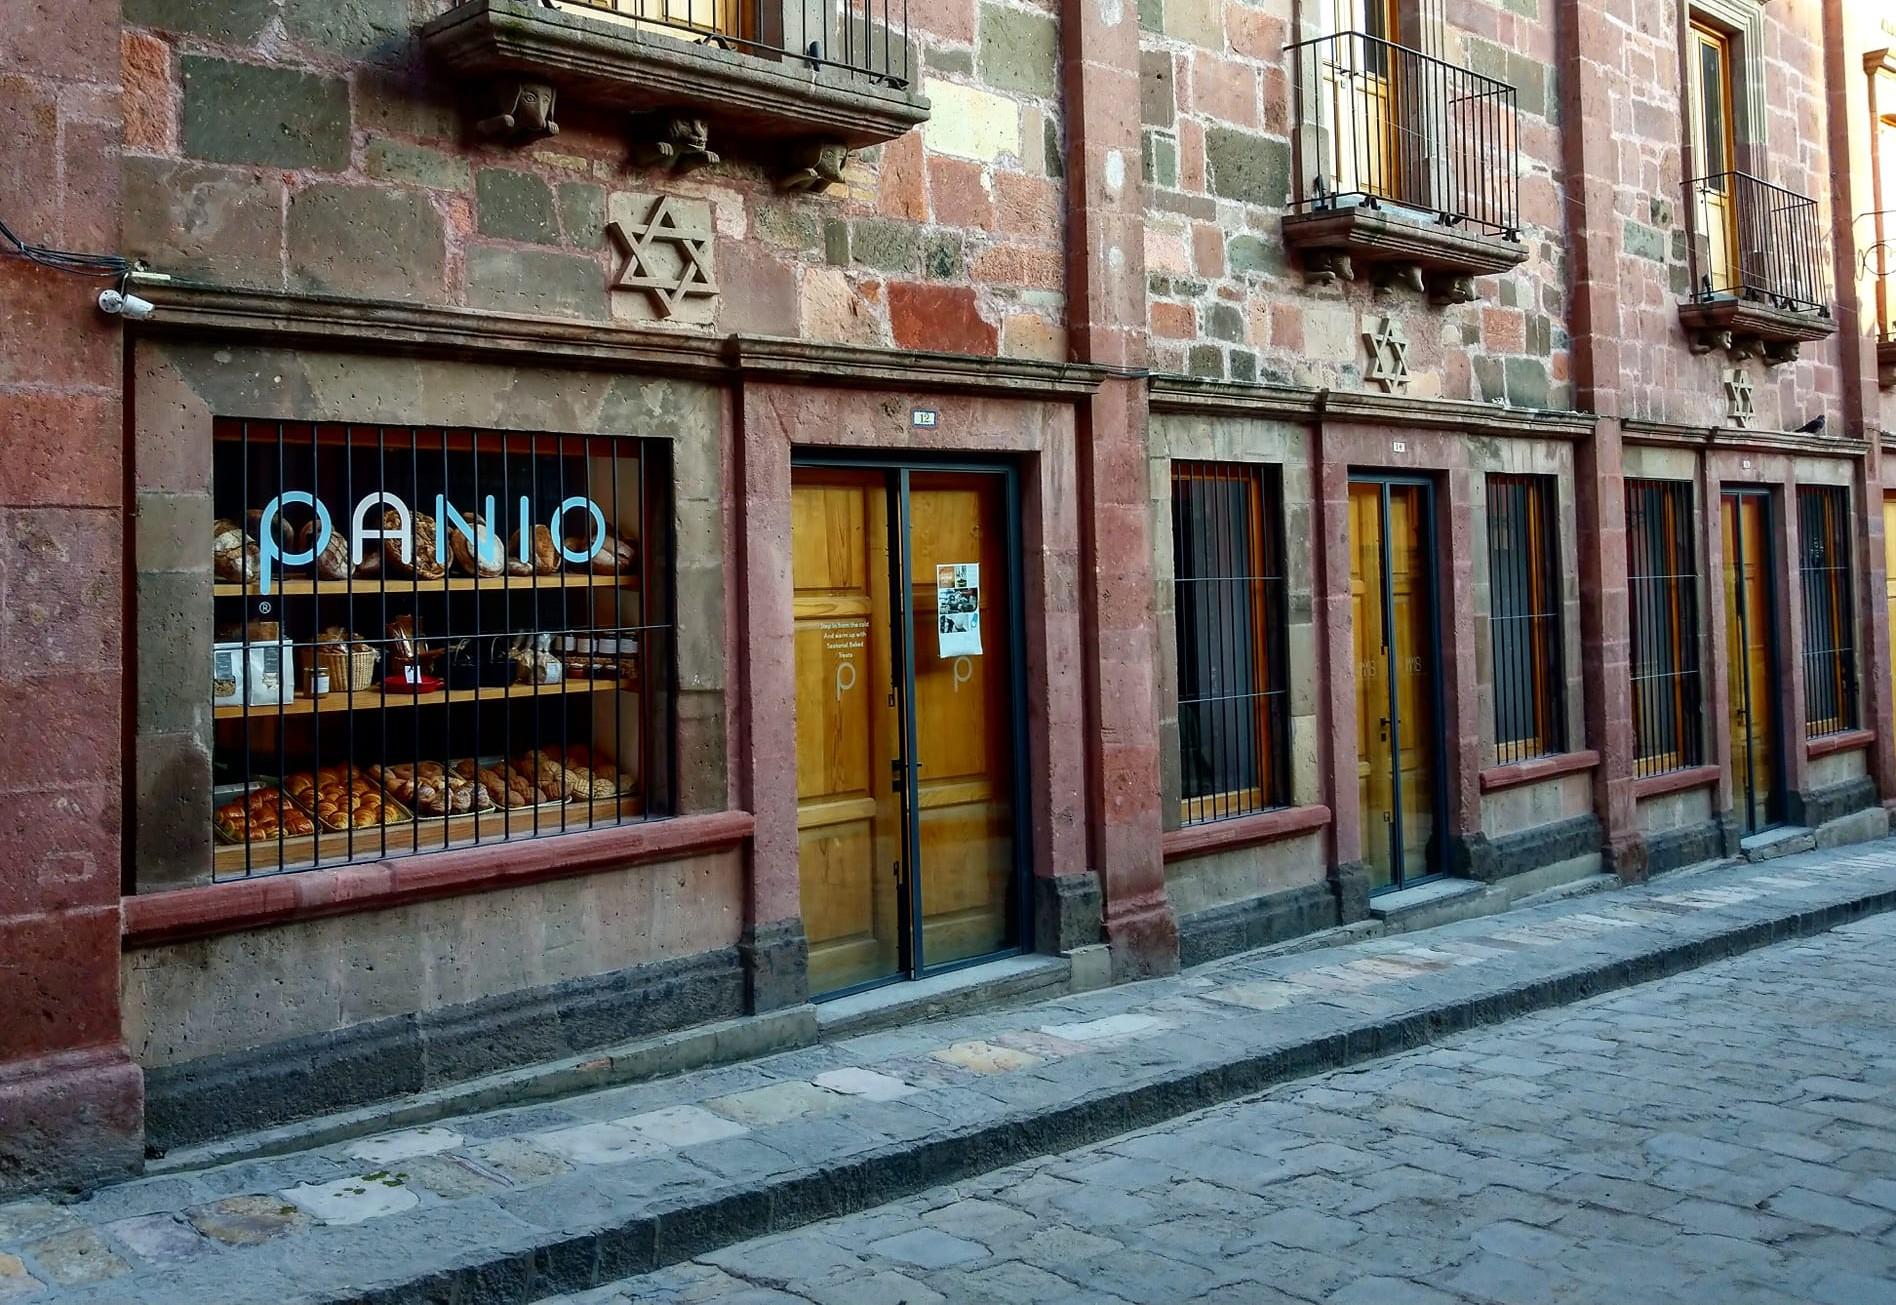 Panio Atelier: la 'boulangerie' en San Miguel de Allende que te hará sentir como 'Emily in Paris'